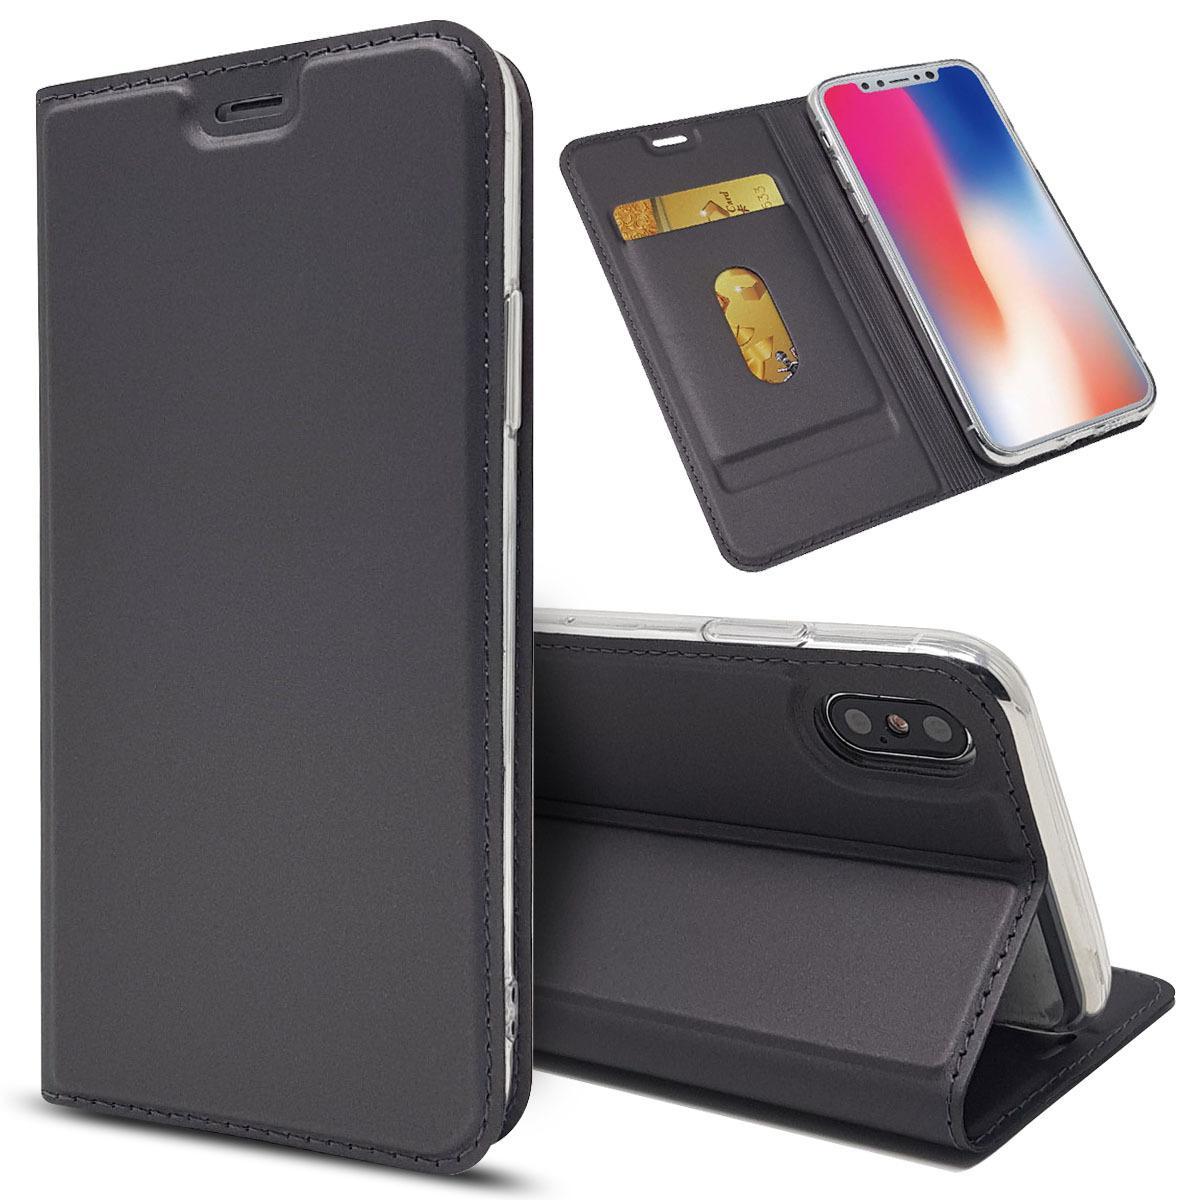 Luxe Porte-monnaie en cuir flip carte pour l'iphone SE 2 11 Pro Max Xs Xr X magnétique Retour Support pour iPhone X 7 8 Plus 6s 6